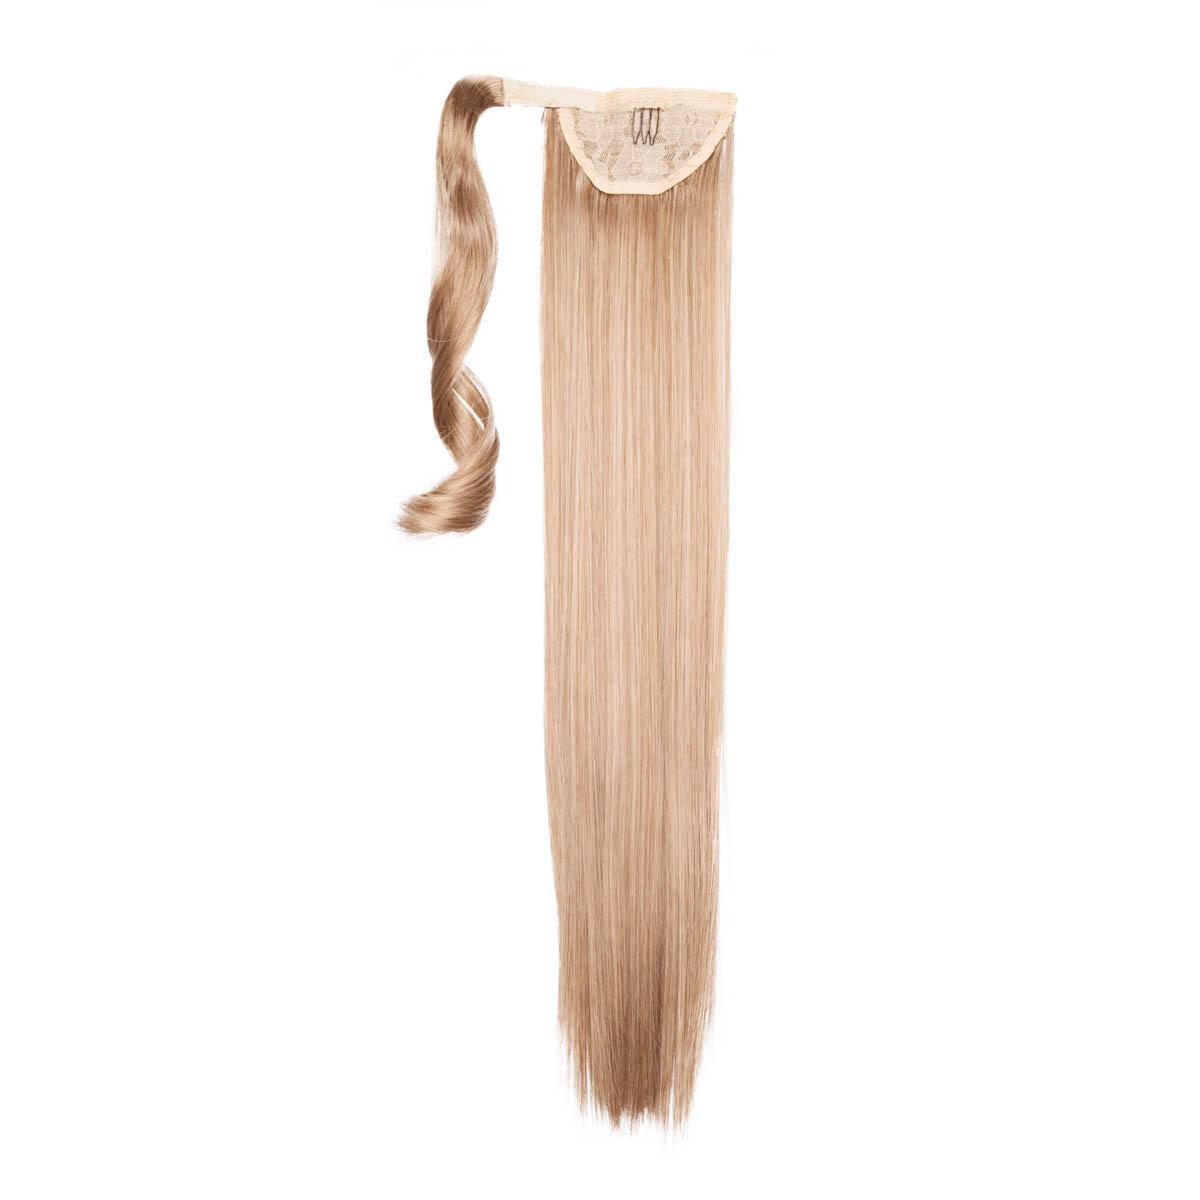 Clip-in Ponytail 4.1 Cendre Ash Blonde 50 cm